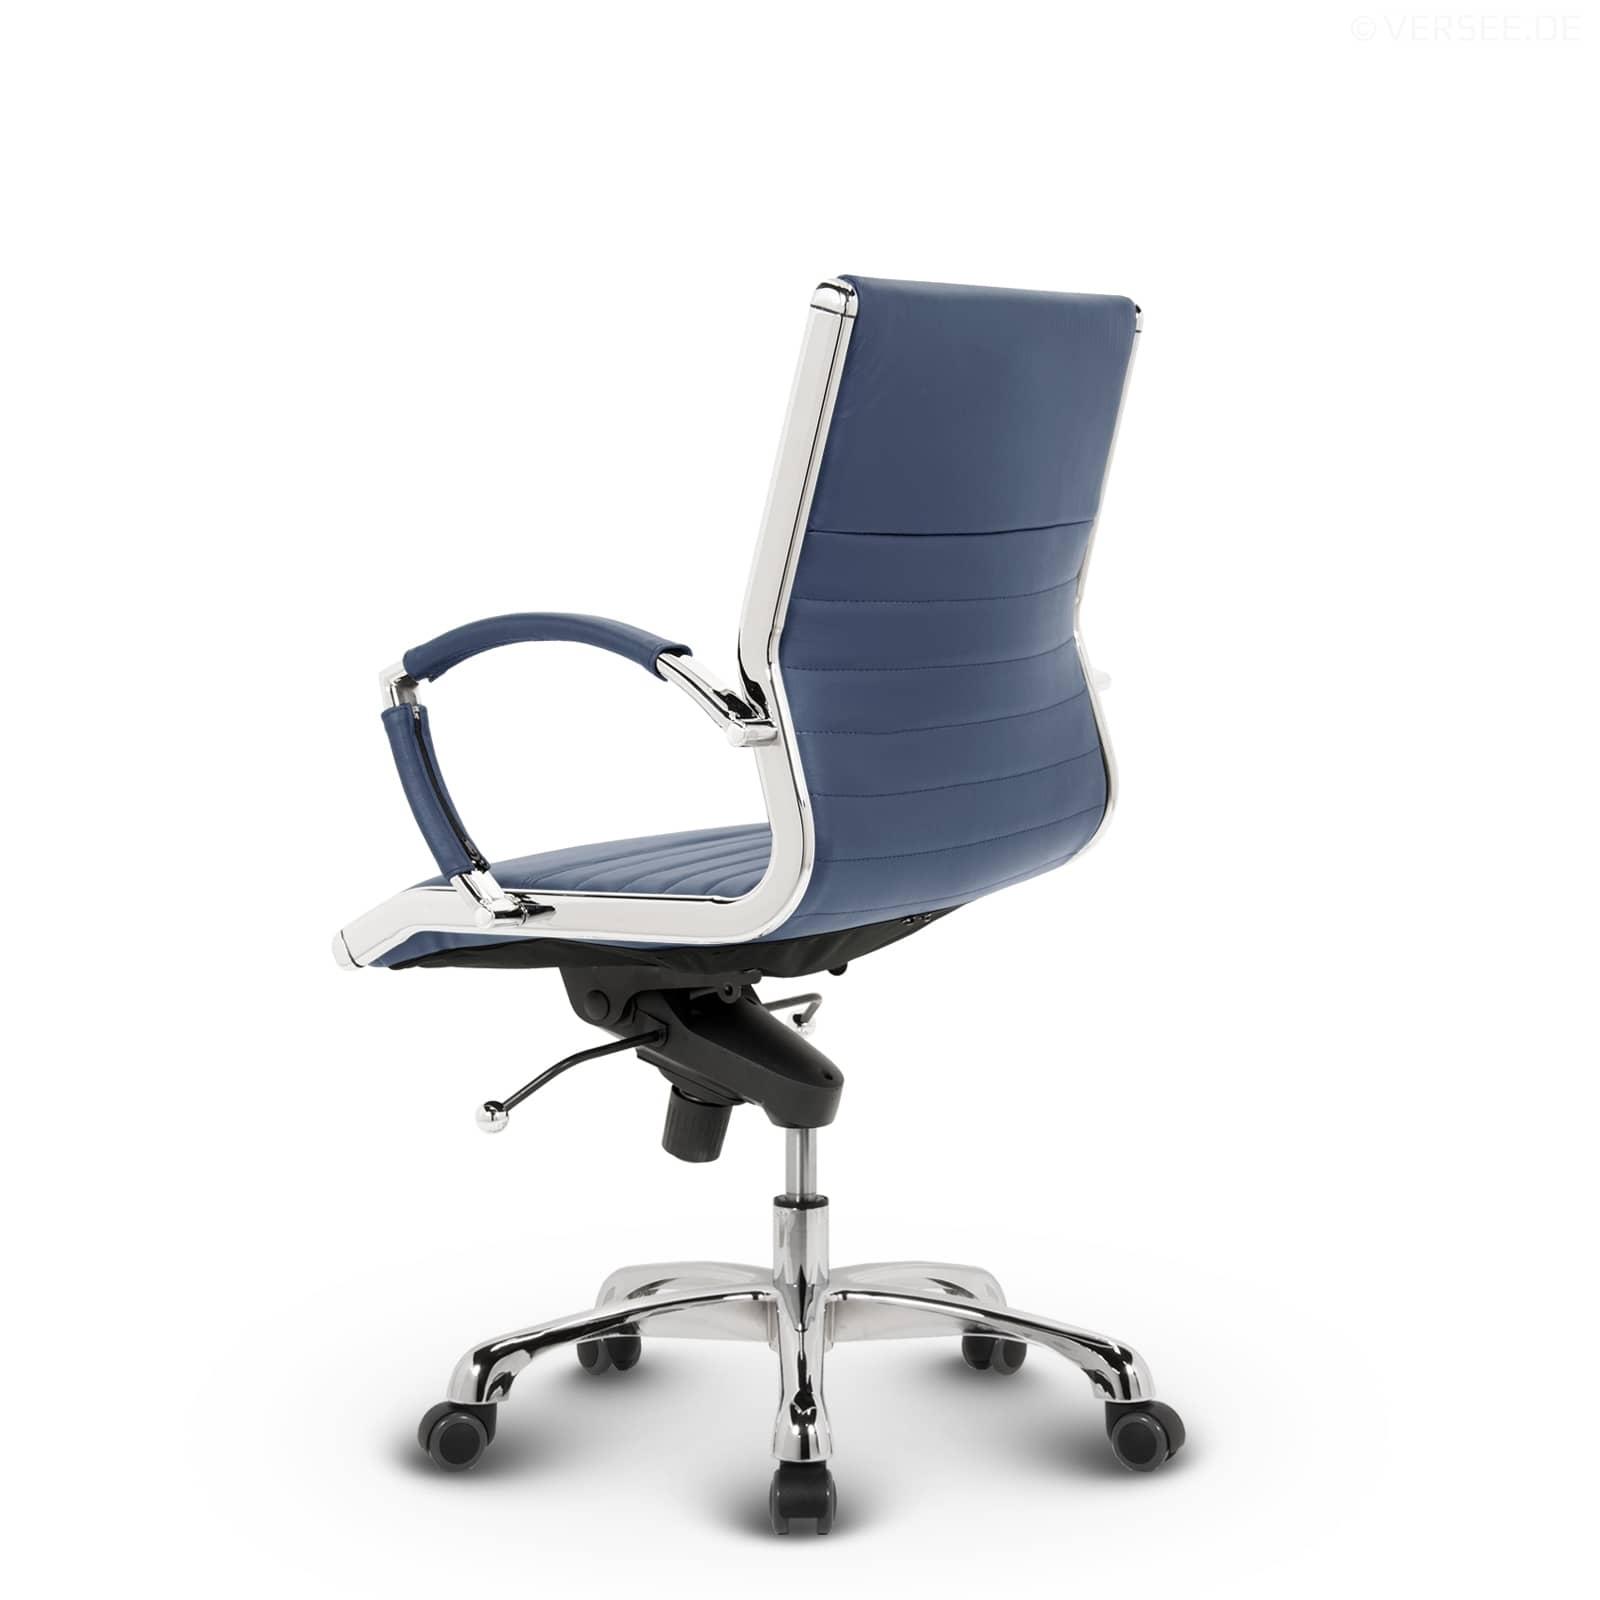 montreal design drehstuhl b rostuhl schreibtischstuhl konferenzstuhl echt leder ebay. Black Bedroom Furniture Sets. Home Design Ideas